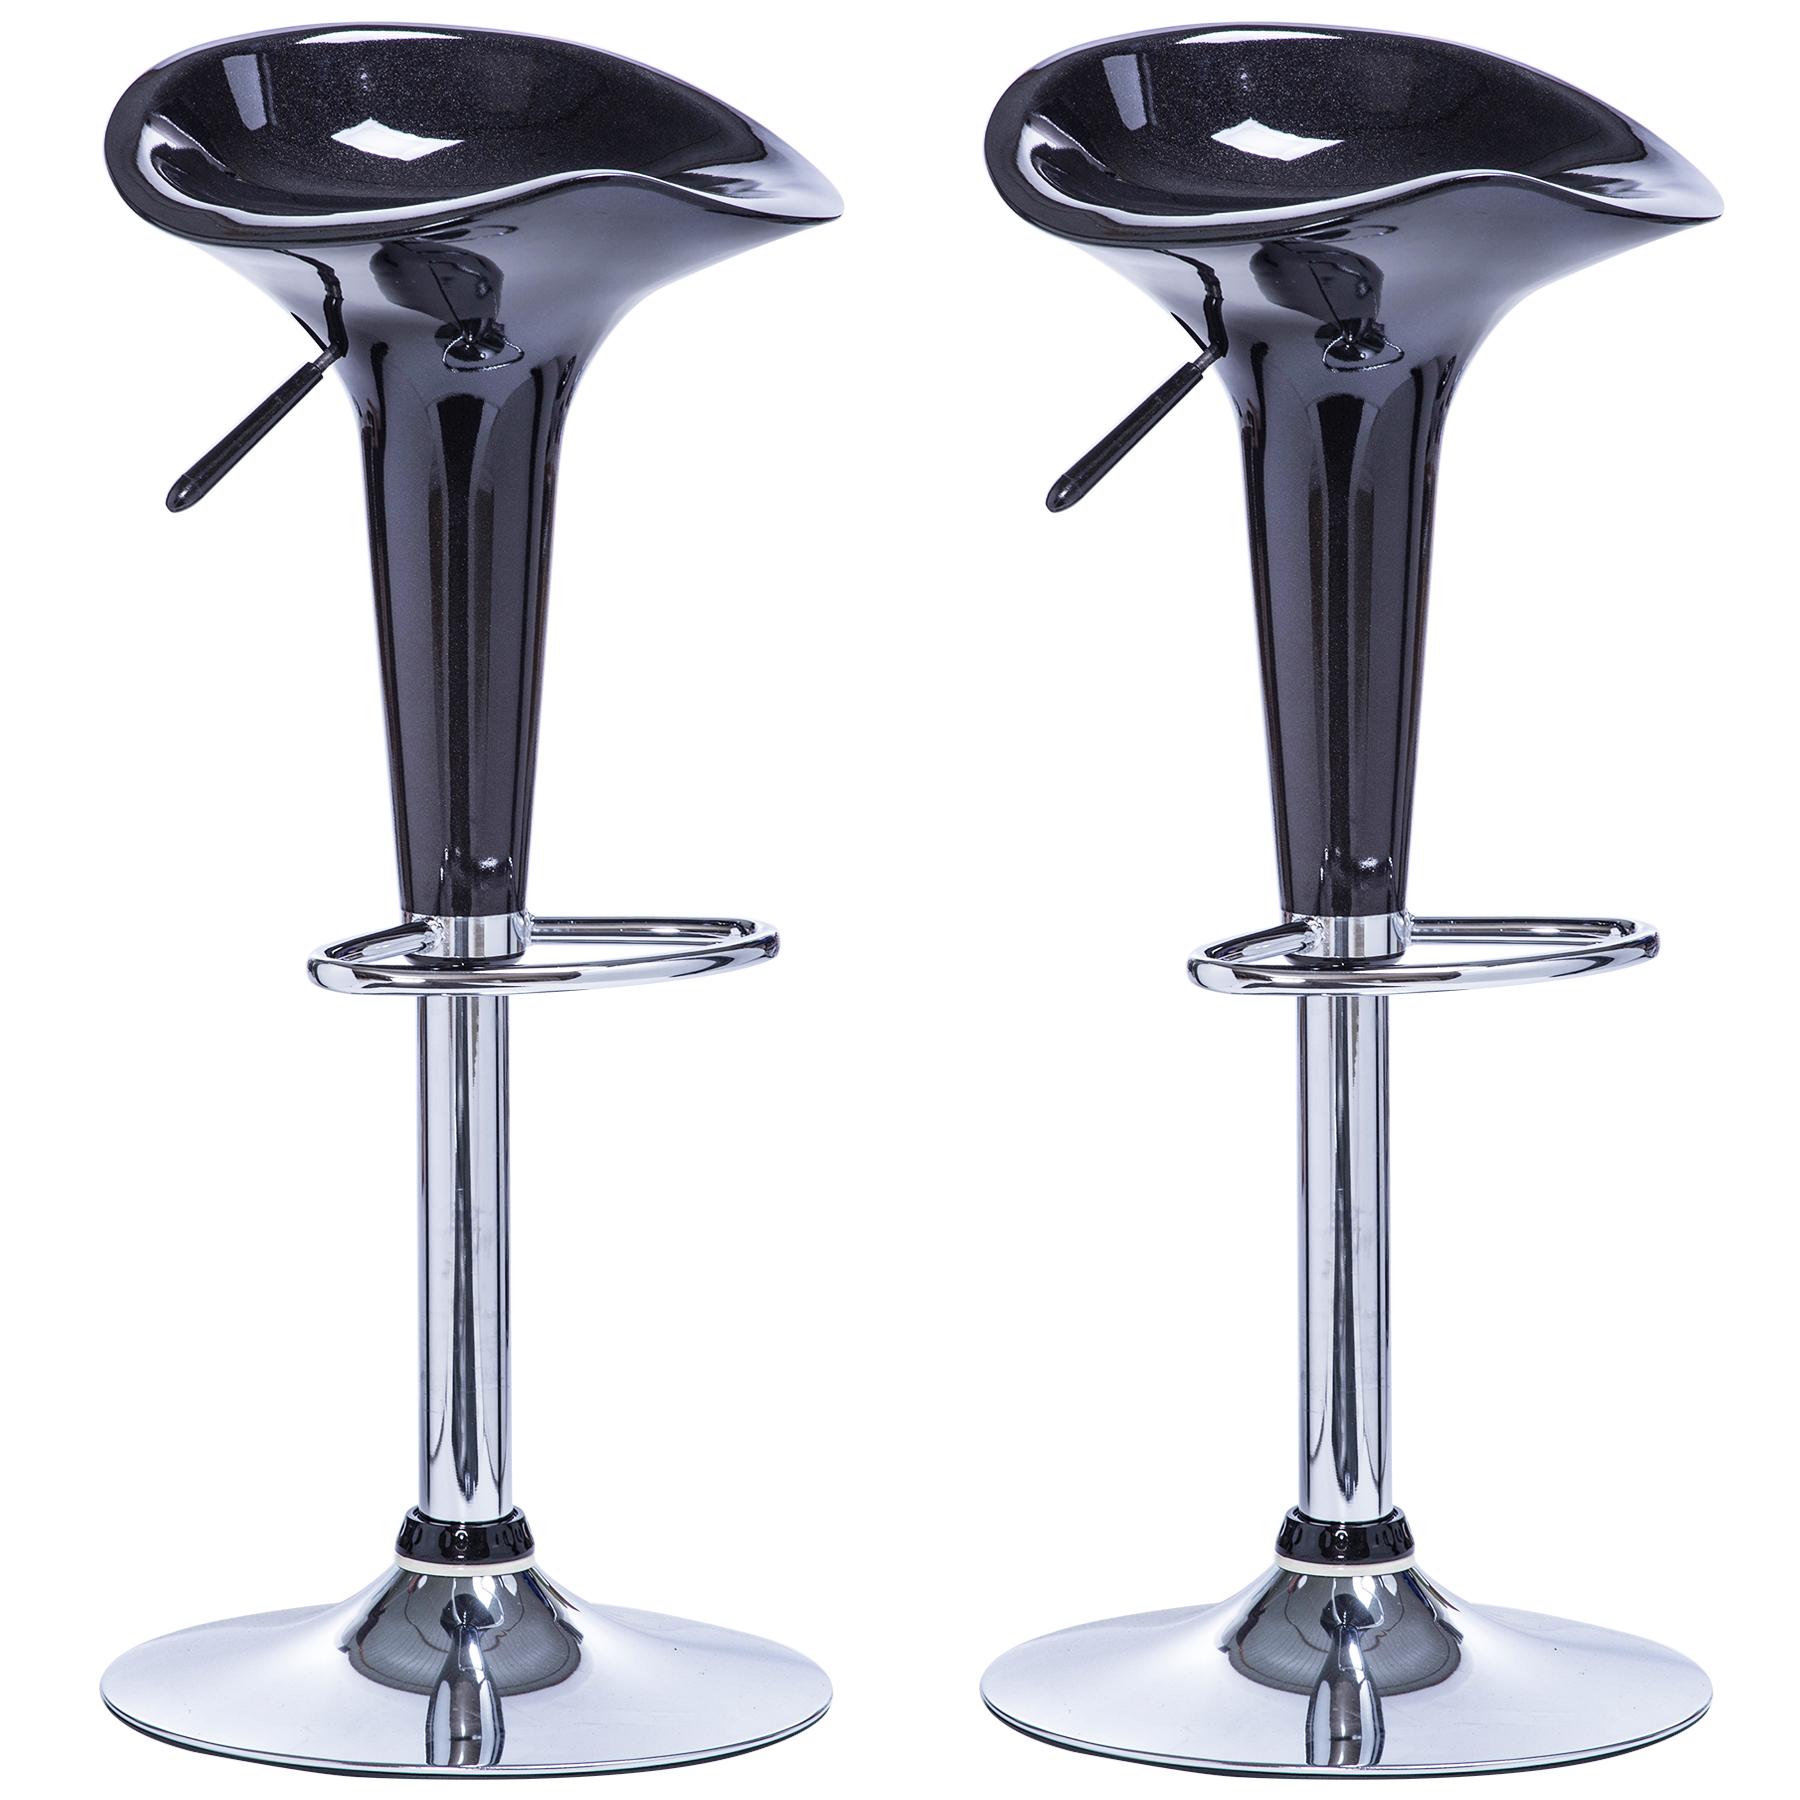 2 x barhocker tresenhocker barstuhl kunststoff drehstuhl. Black Bedroom Furniture Sets. Home Design Ideas